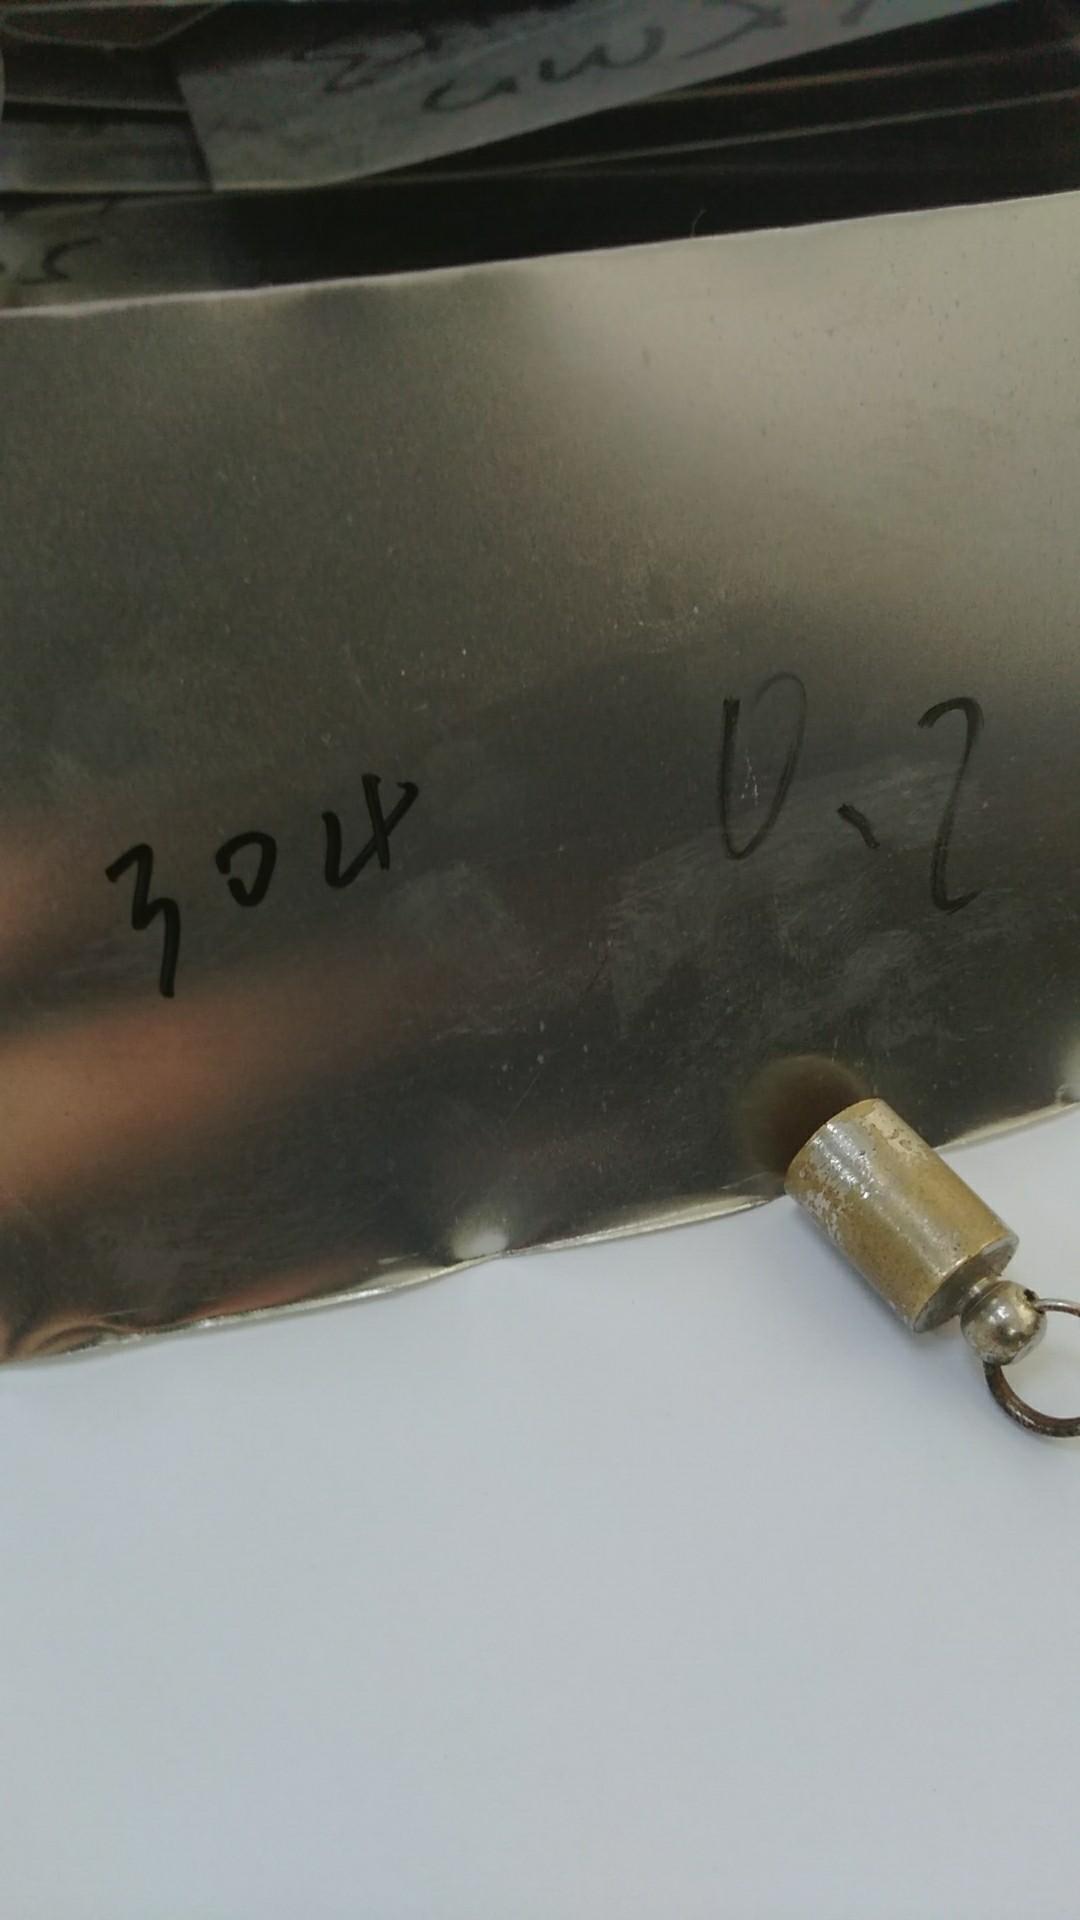 弹簧不锈钢带 不锈钢发条料 301超硬不锈钢带 不锈钢带生产厂家